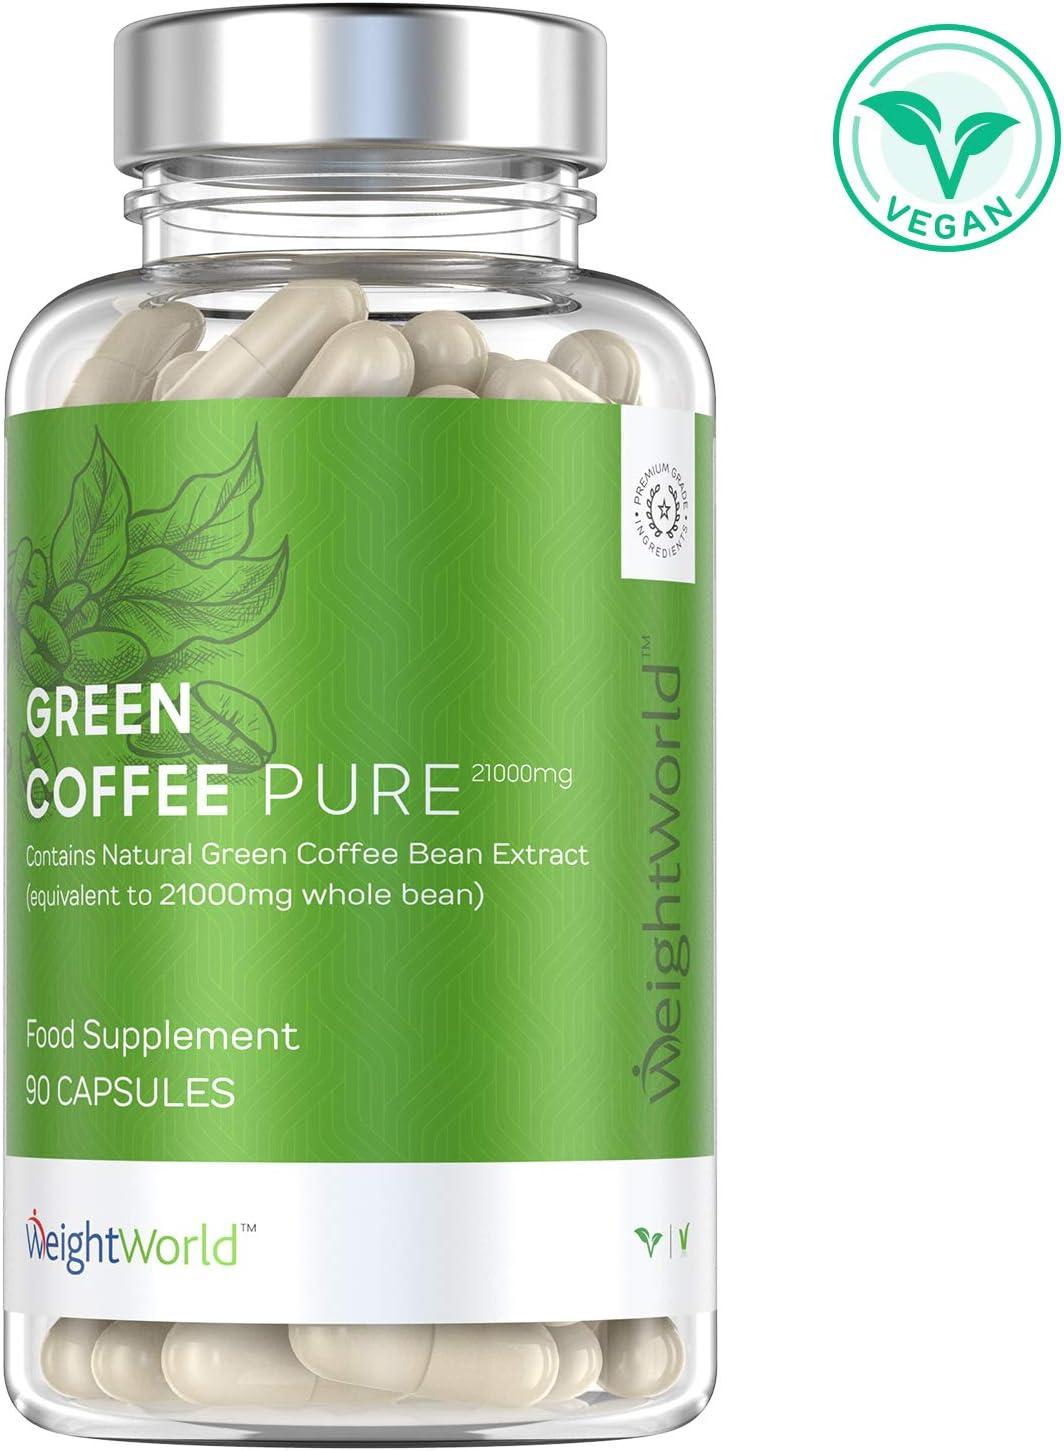 Café Verde Puro, Potente Fórmula 7000 mg - Suplemento Para Perder Peso y Antioxidante, Quemagrasas Natural, Reactiva metabolismo para adelgazar